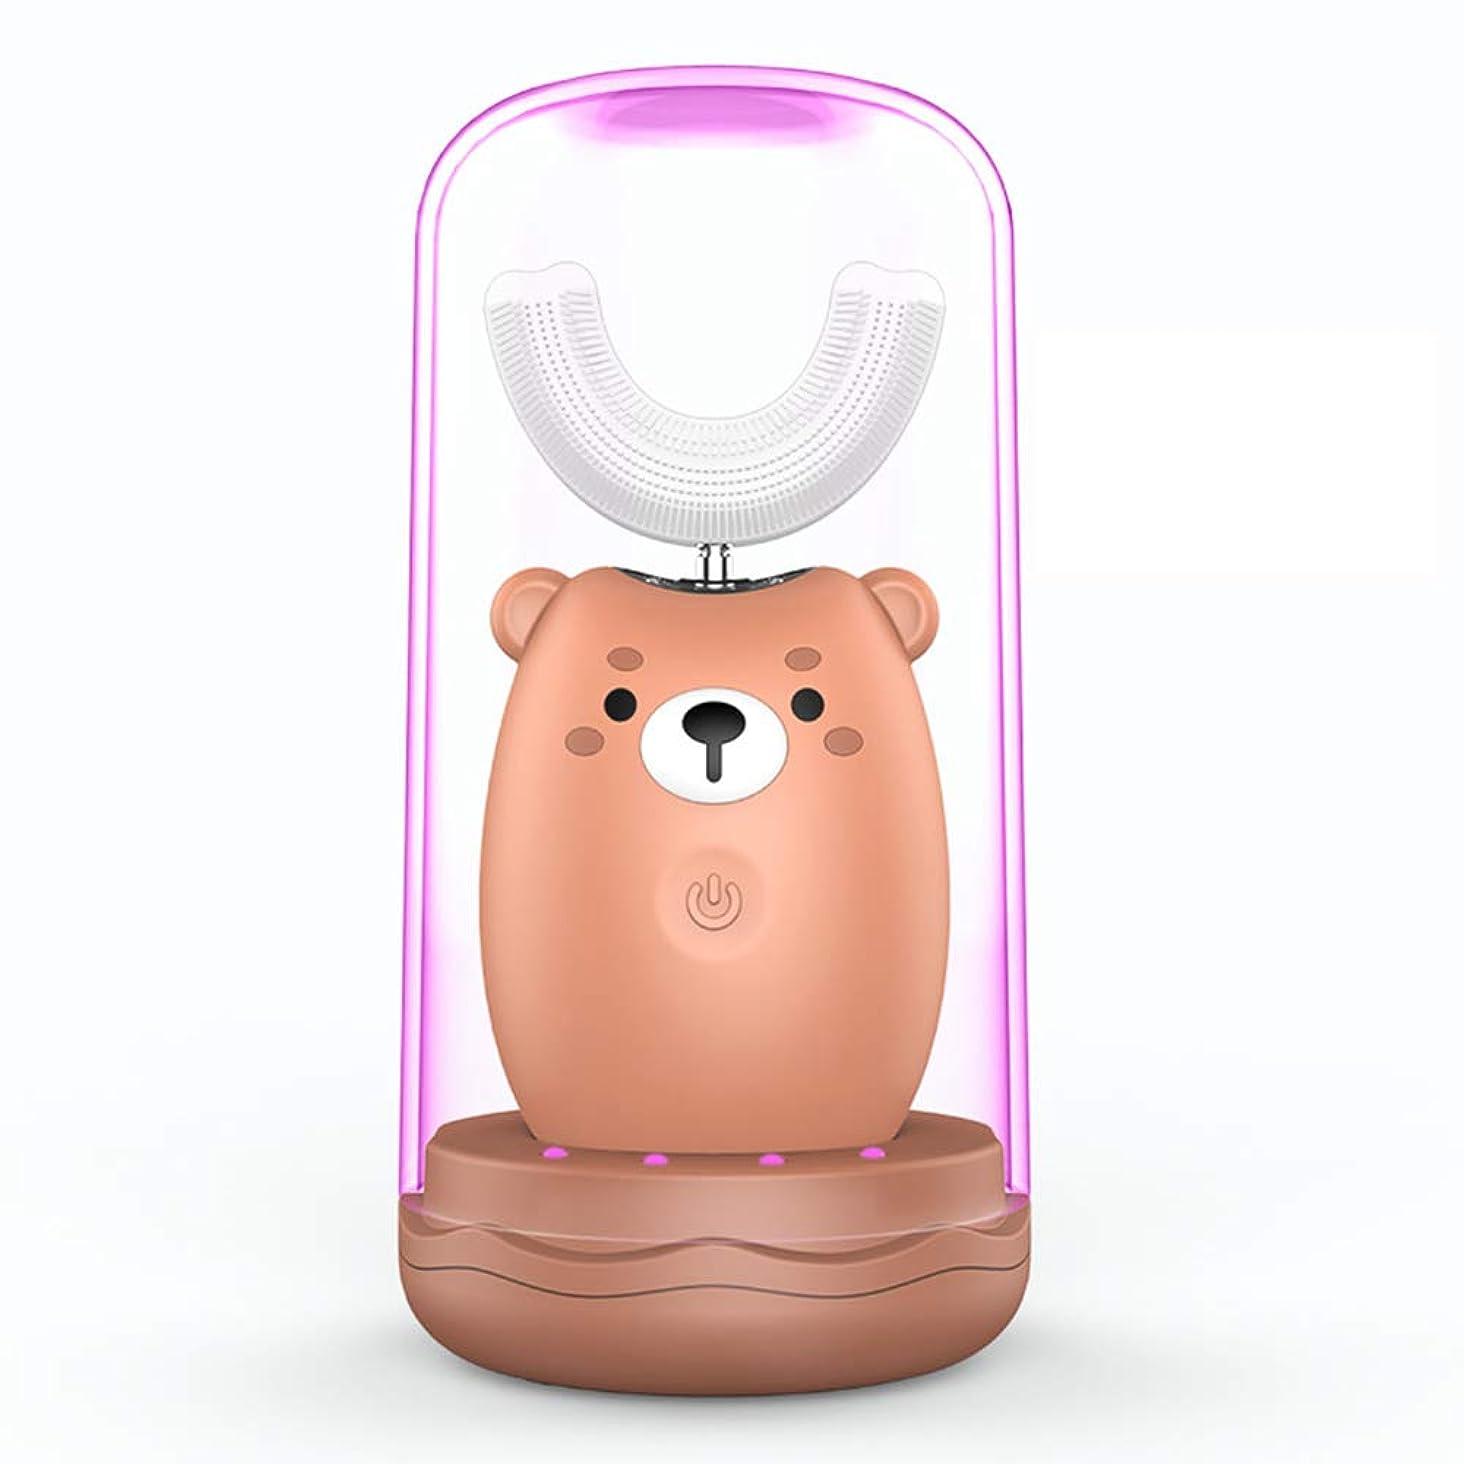 少ないエンジニアヘビー超音波子供電動歯ブラシ3スピード消毒うがいカップホワイトニング自動歯ブラシ特別に設計された子供2-6歳児